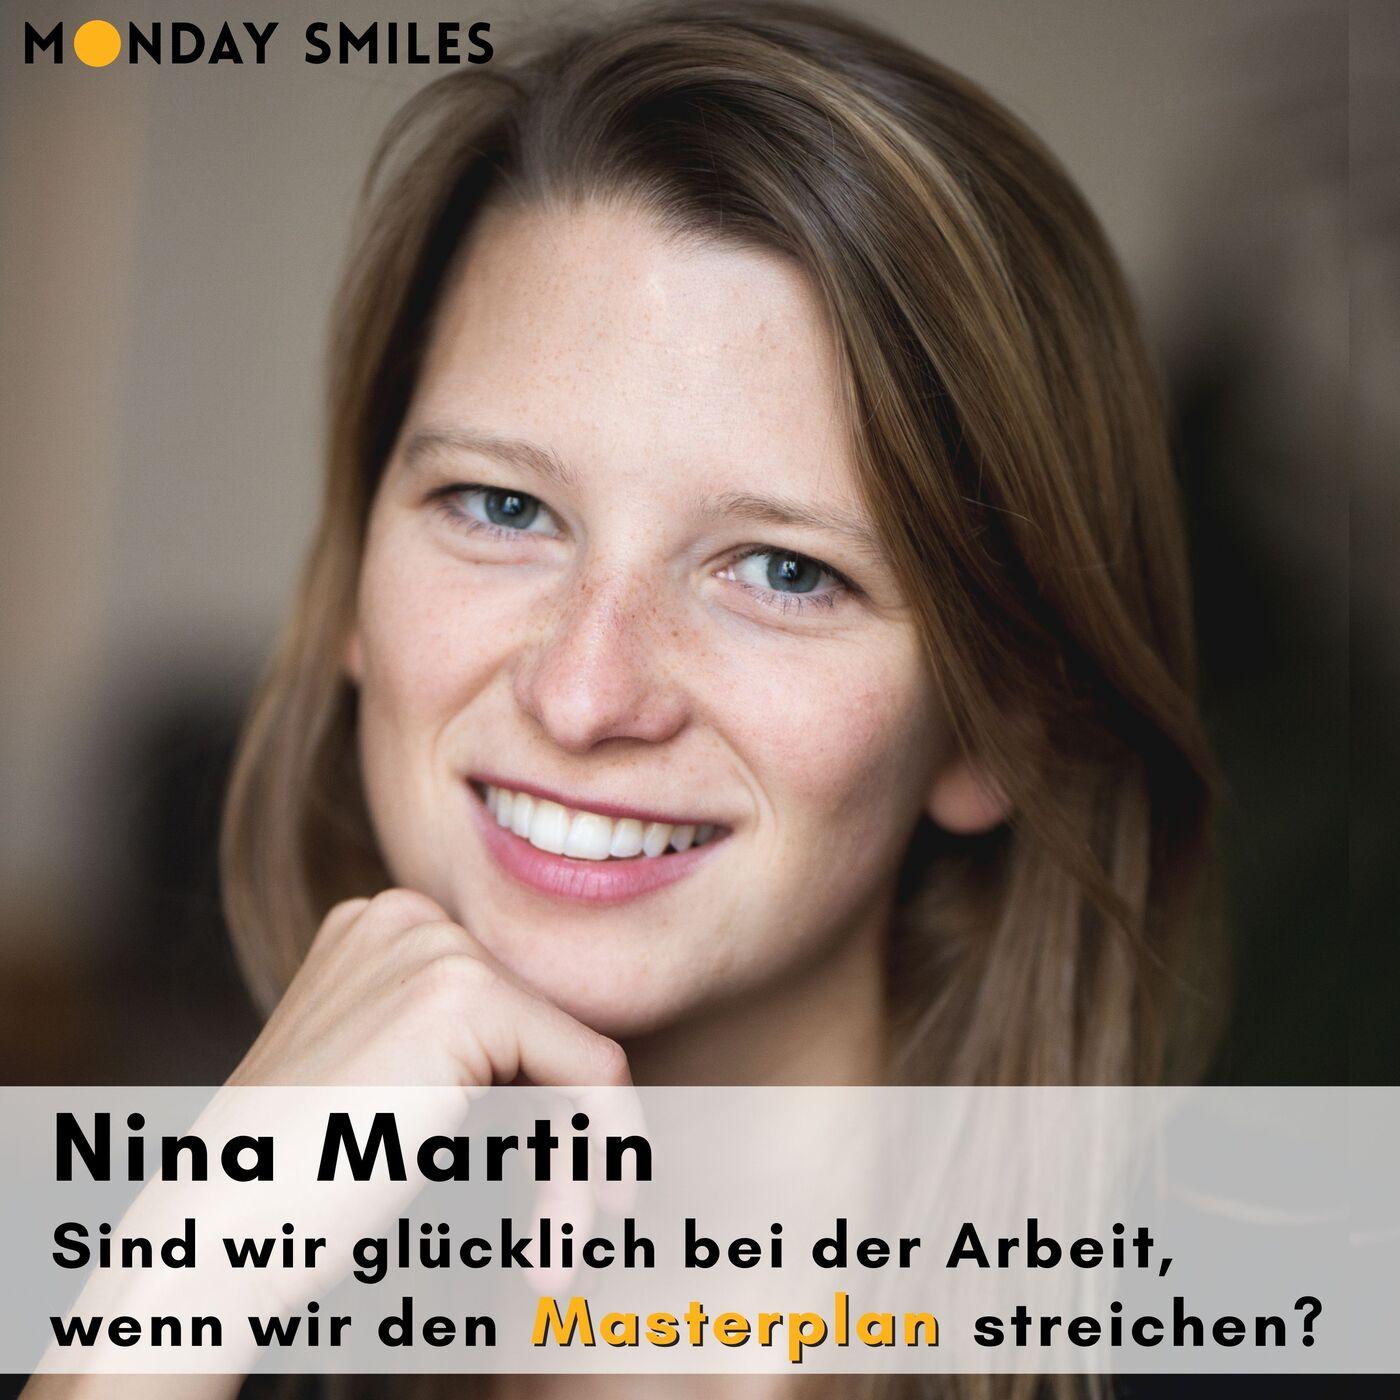 18 - Nina Martin: Sind wir glücklich bei der Arbeit, wenn wir den Masterplan streichen?